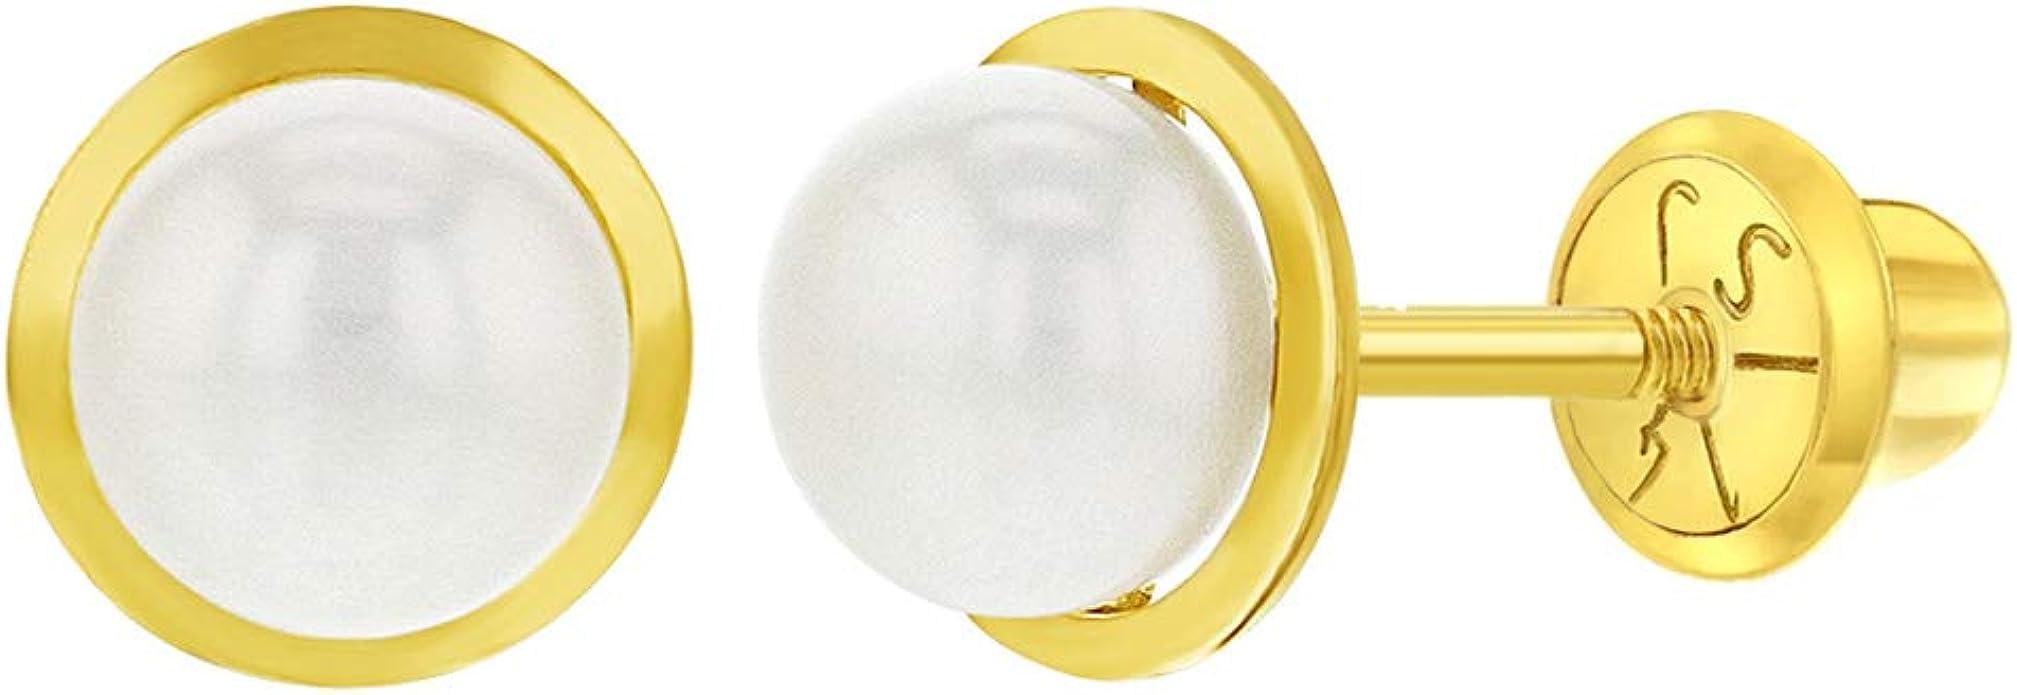 14K Screw Earring Set Gold Screw Earrings 14K Yellow Gold 6mm Round Screw Design Stud Earrings 6mm Screw Studs Gold Screw Studs